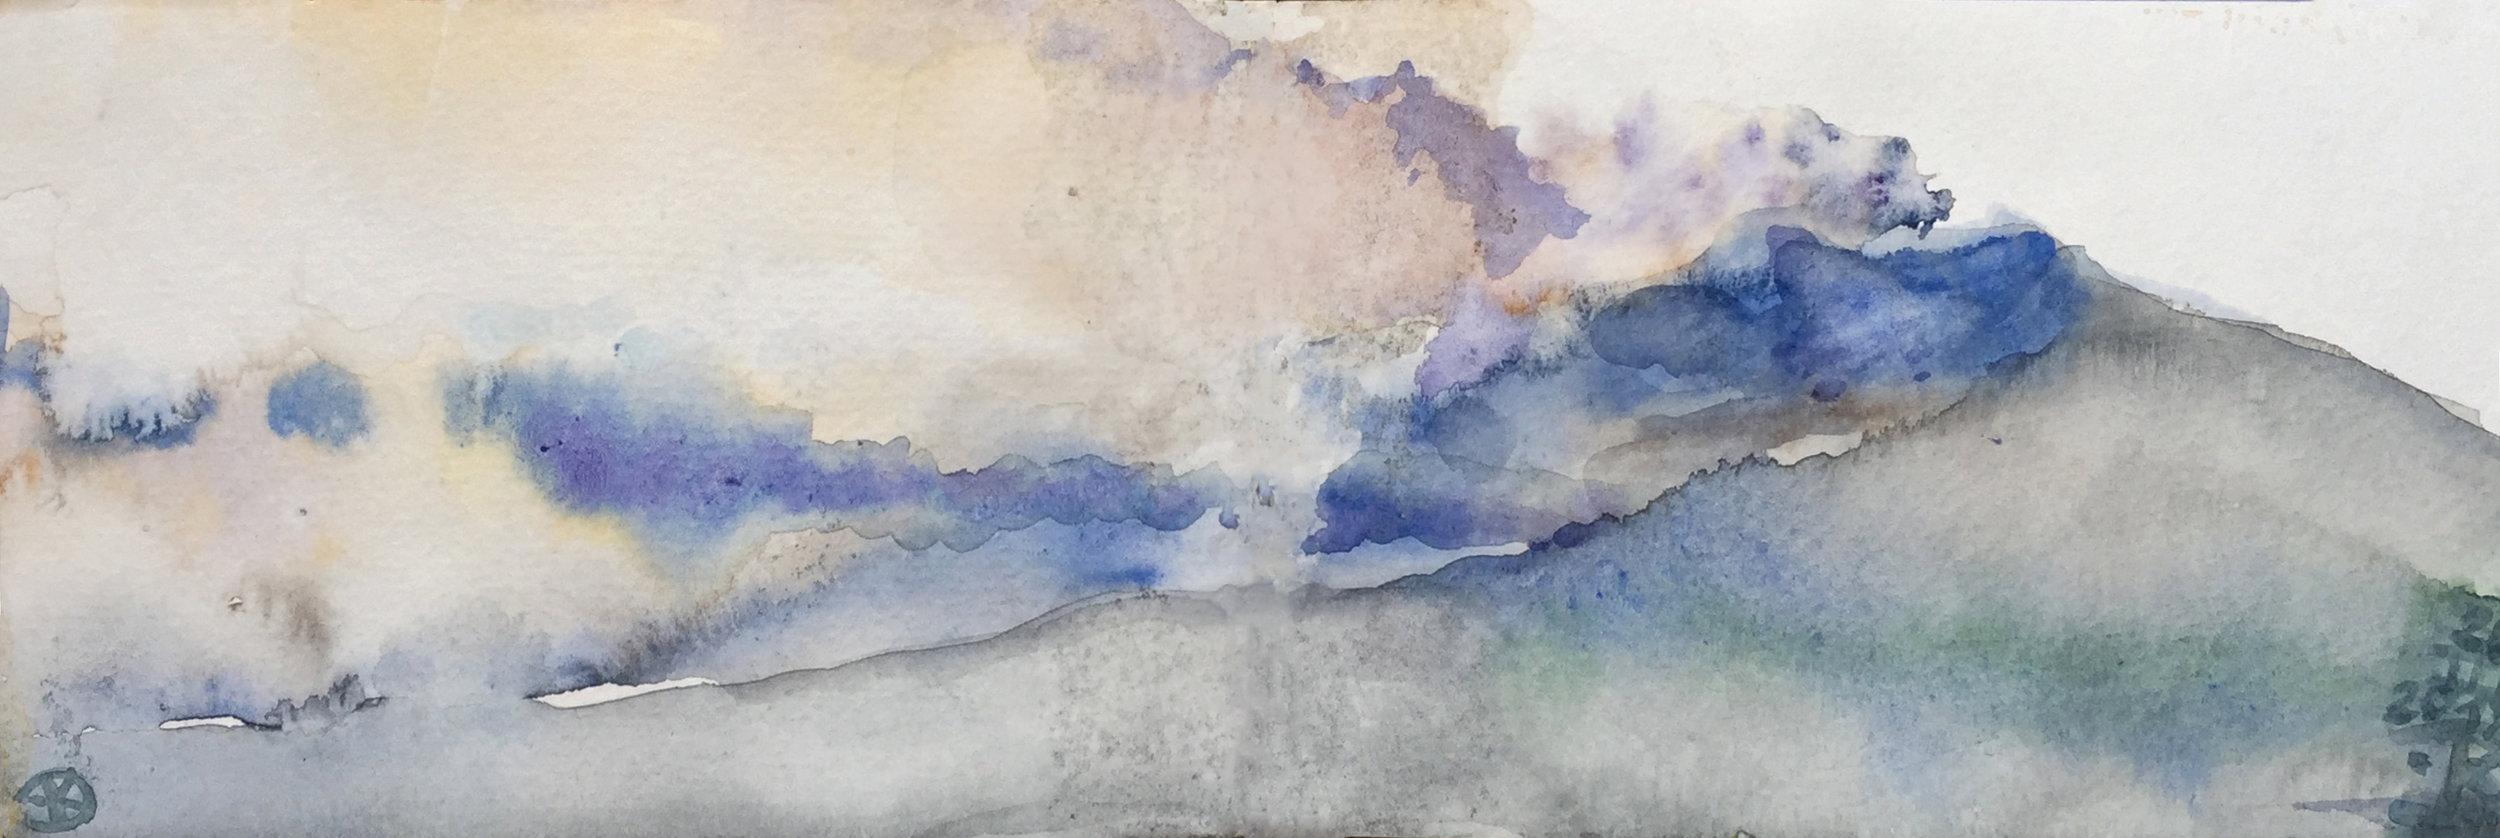 Etna II 2017, watercolour 9 x 28 cm